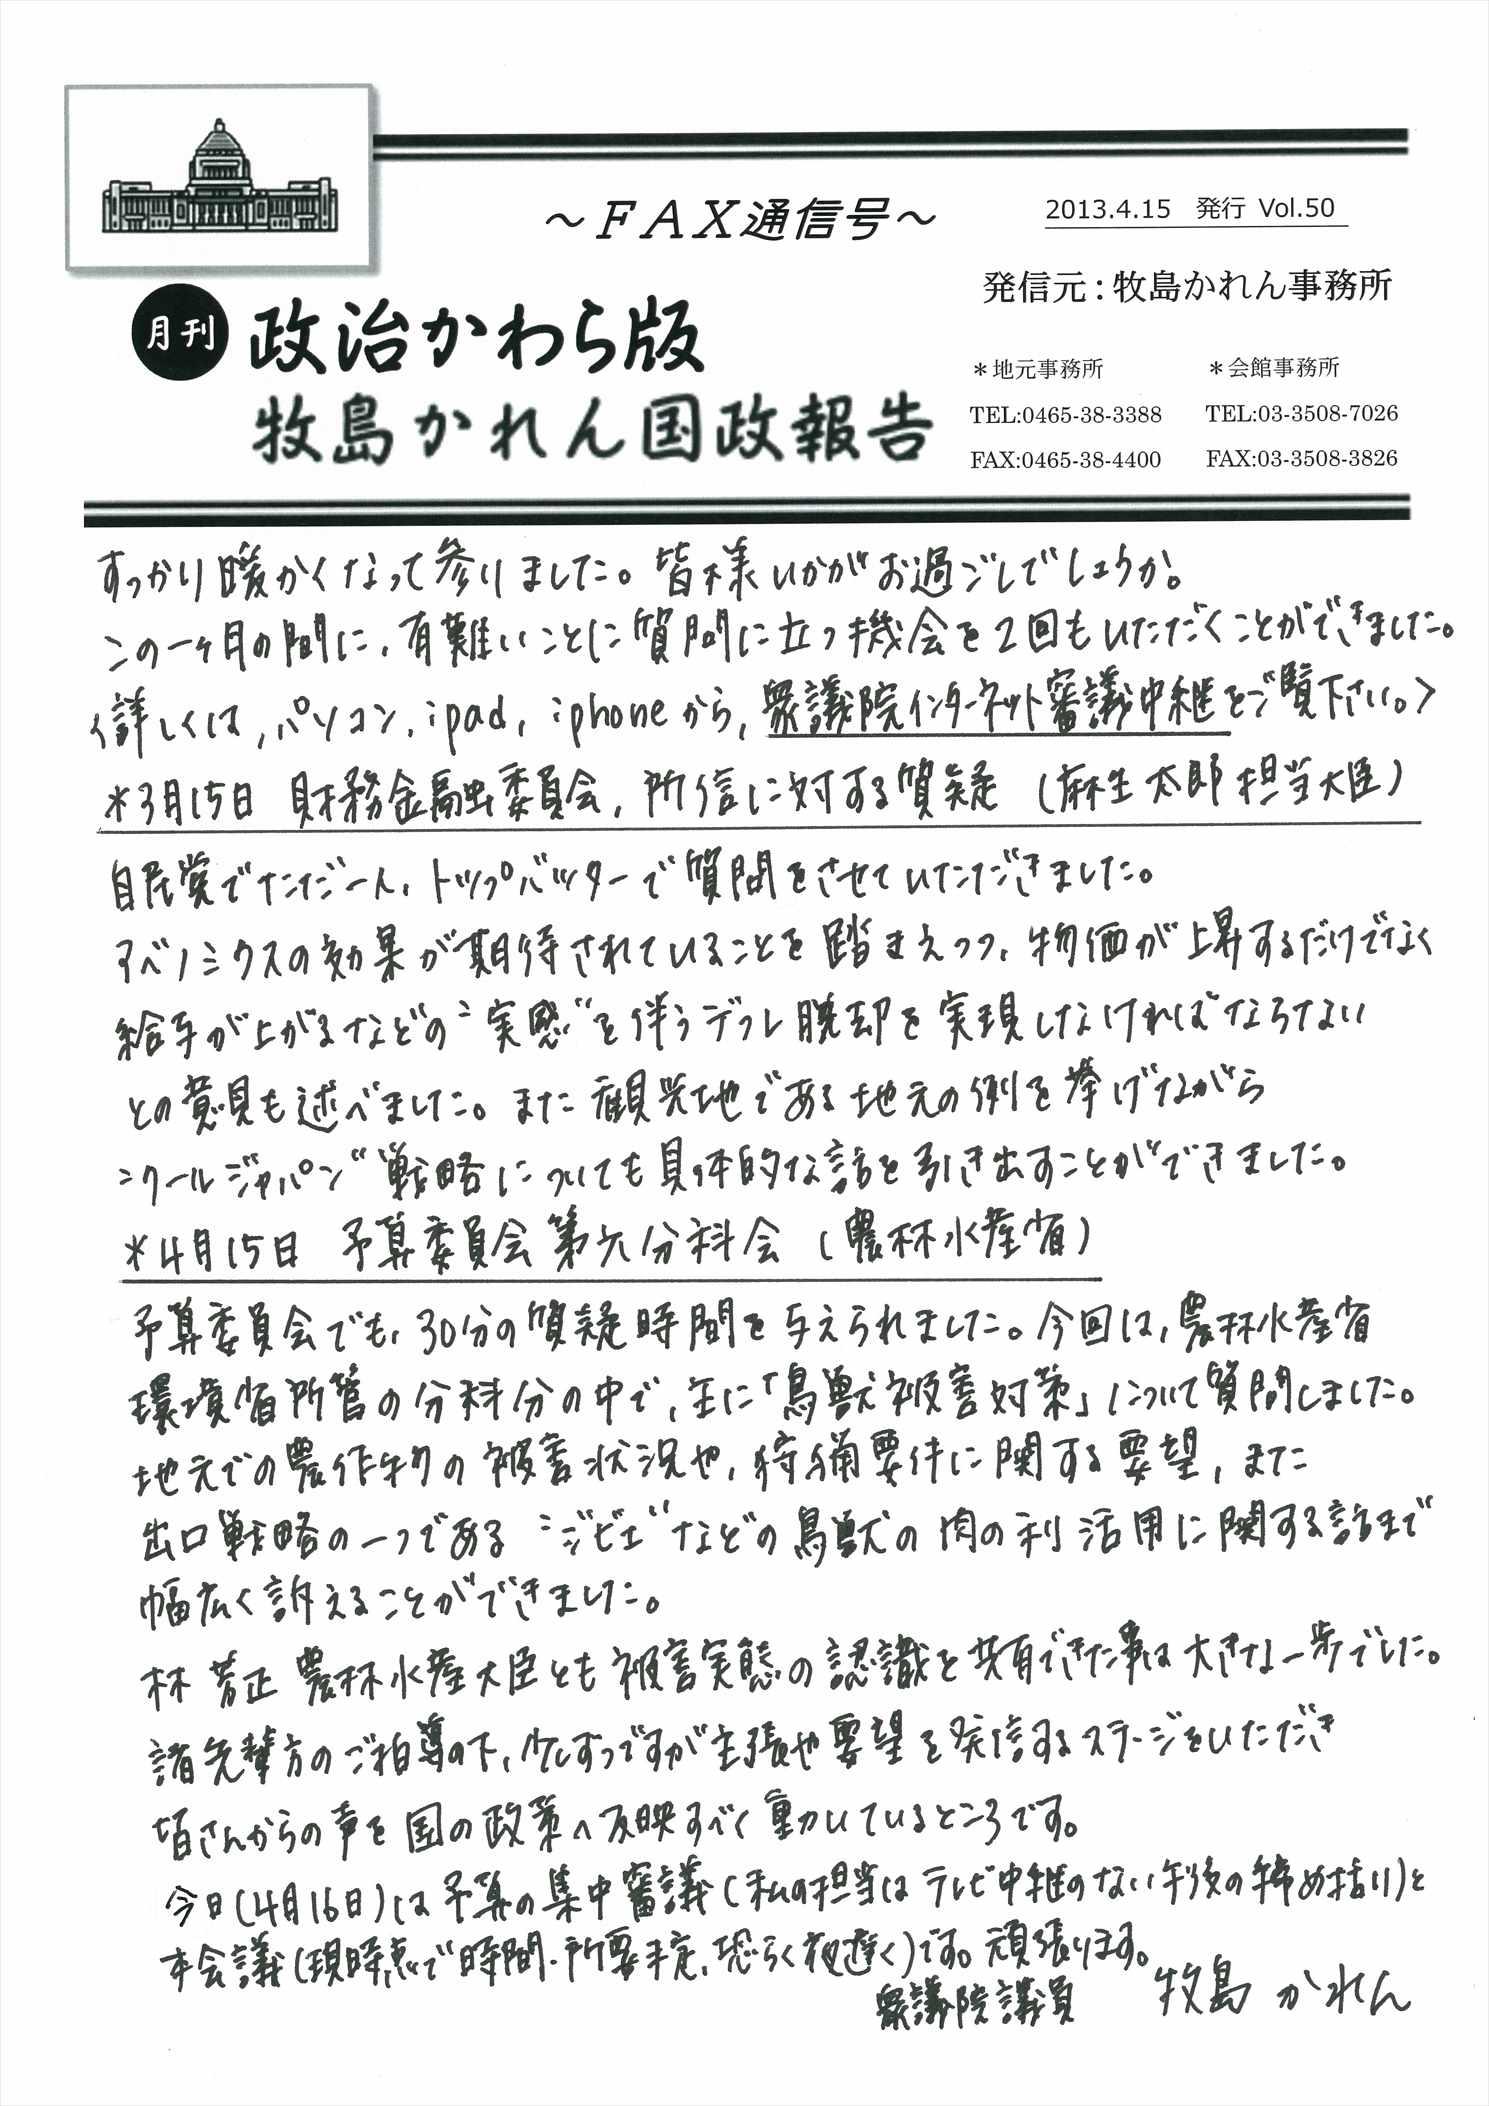 牧島かれん 政治かわら版4月号 Vol.50